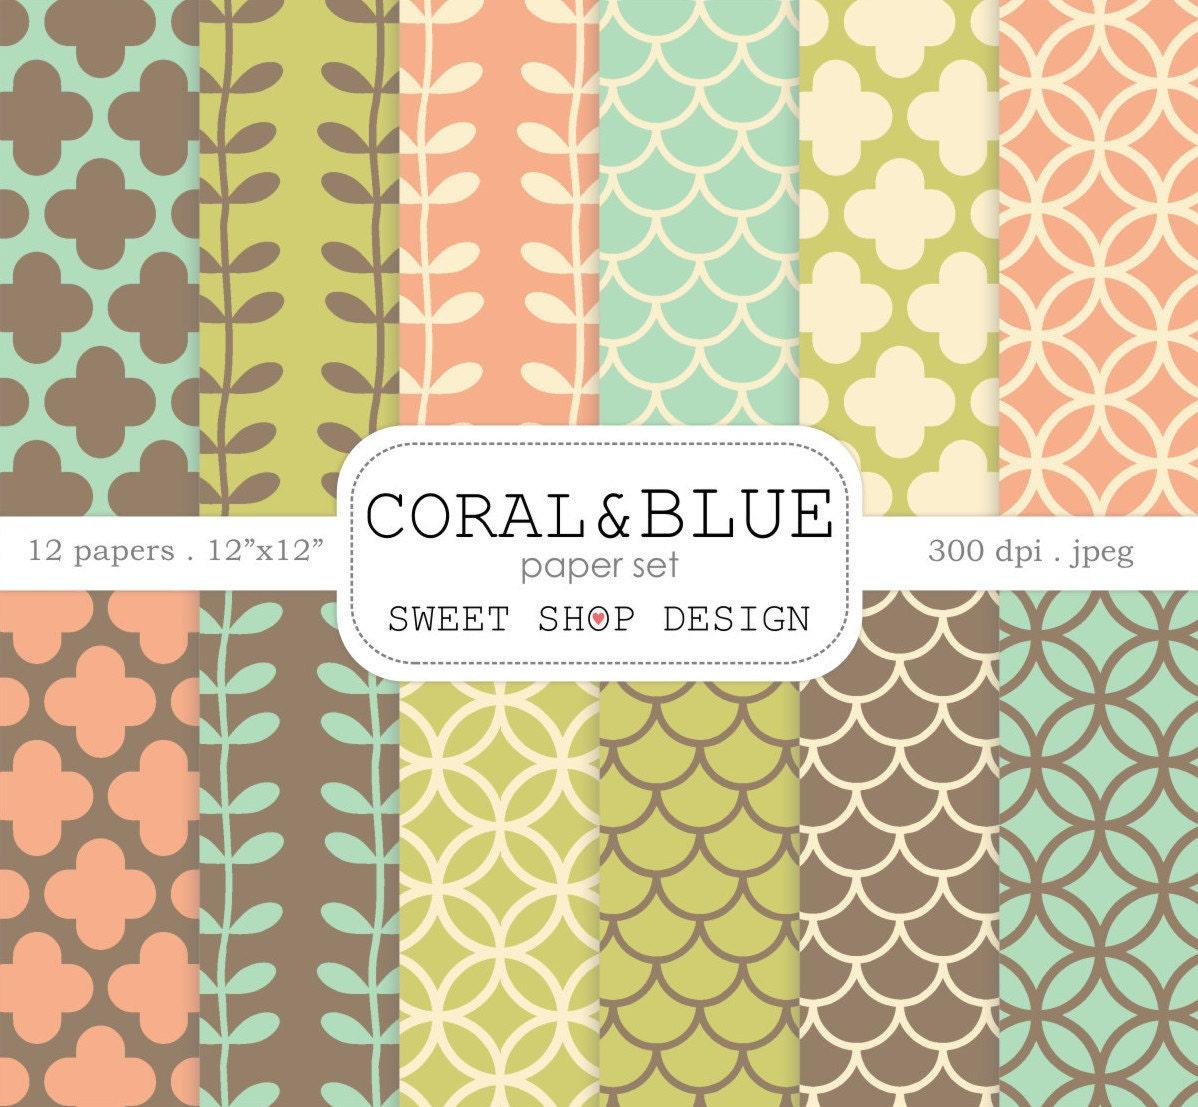 Digital Paper: CORAL & BLUE Printable Scrapbook Paper Pack